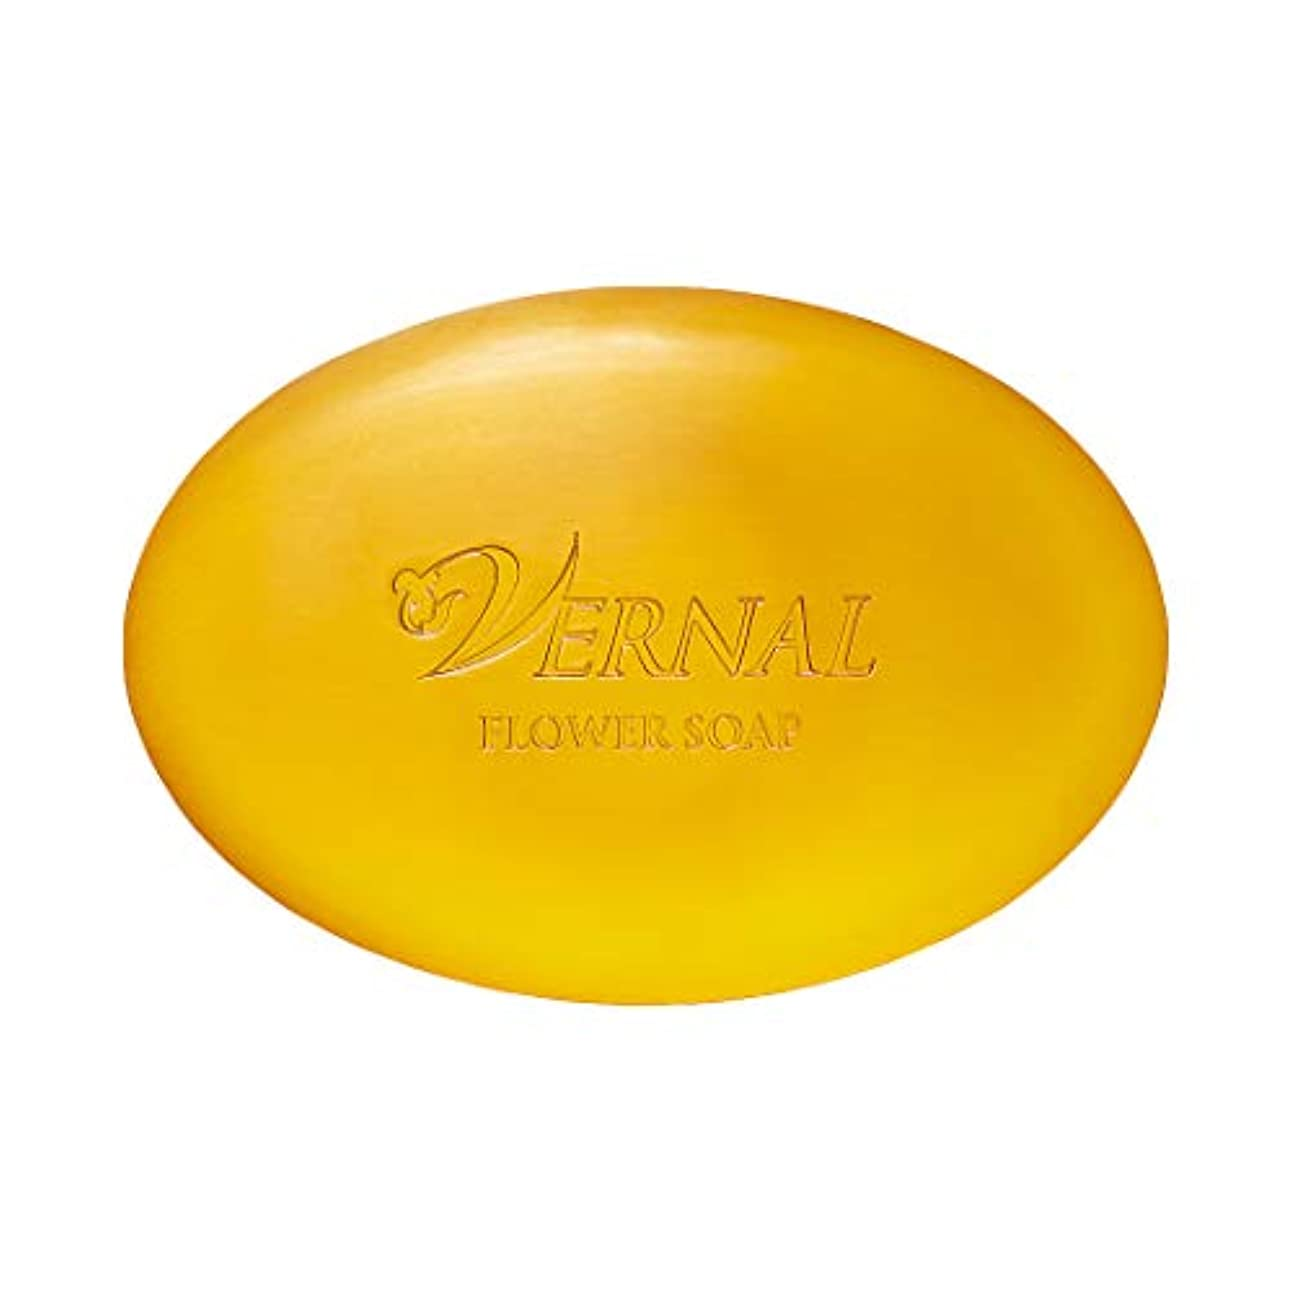 意気揚々ピアースシャーフラワーソープ110g ヴァーナル 洗顔石鹸 オーガニック 仕上げ用